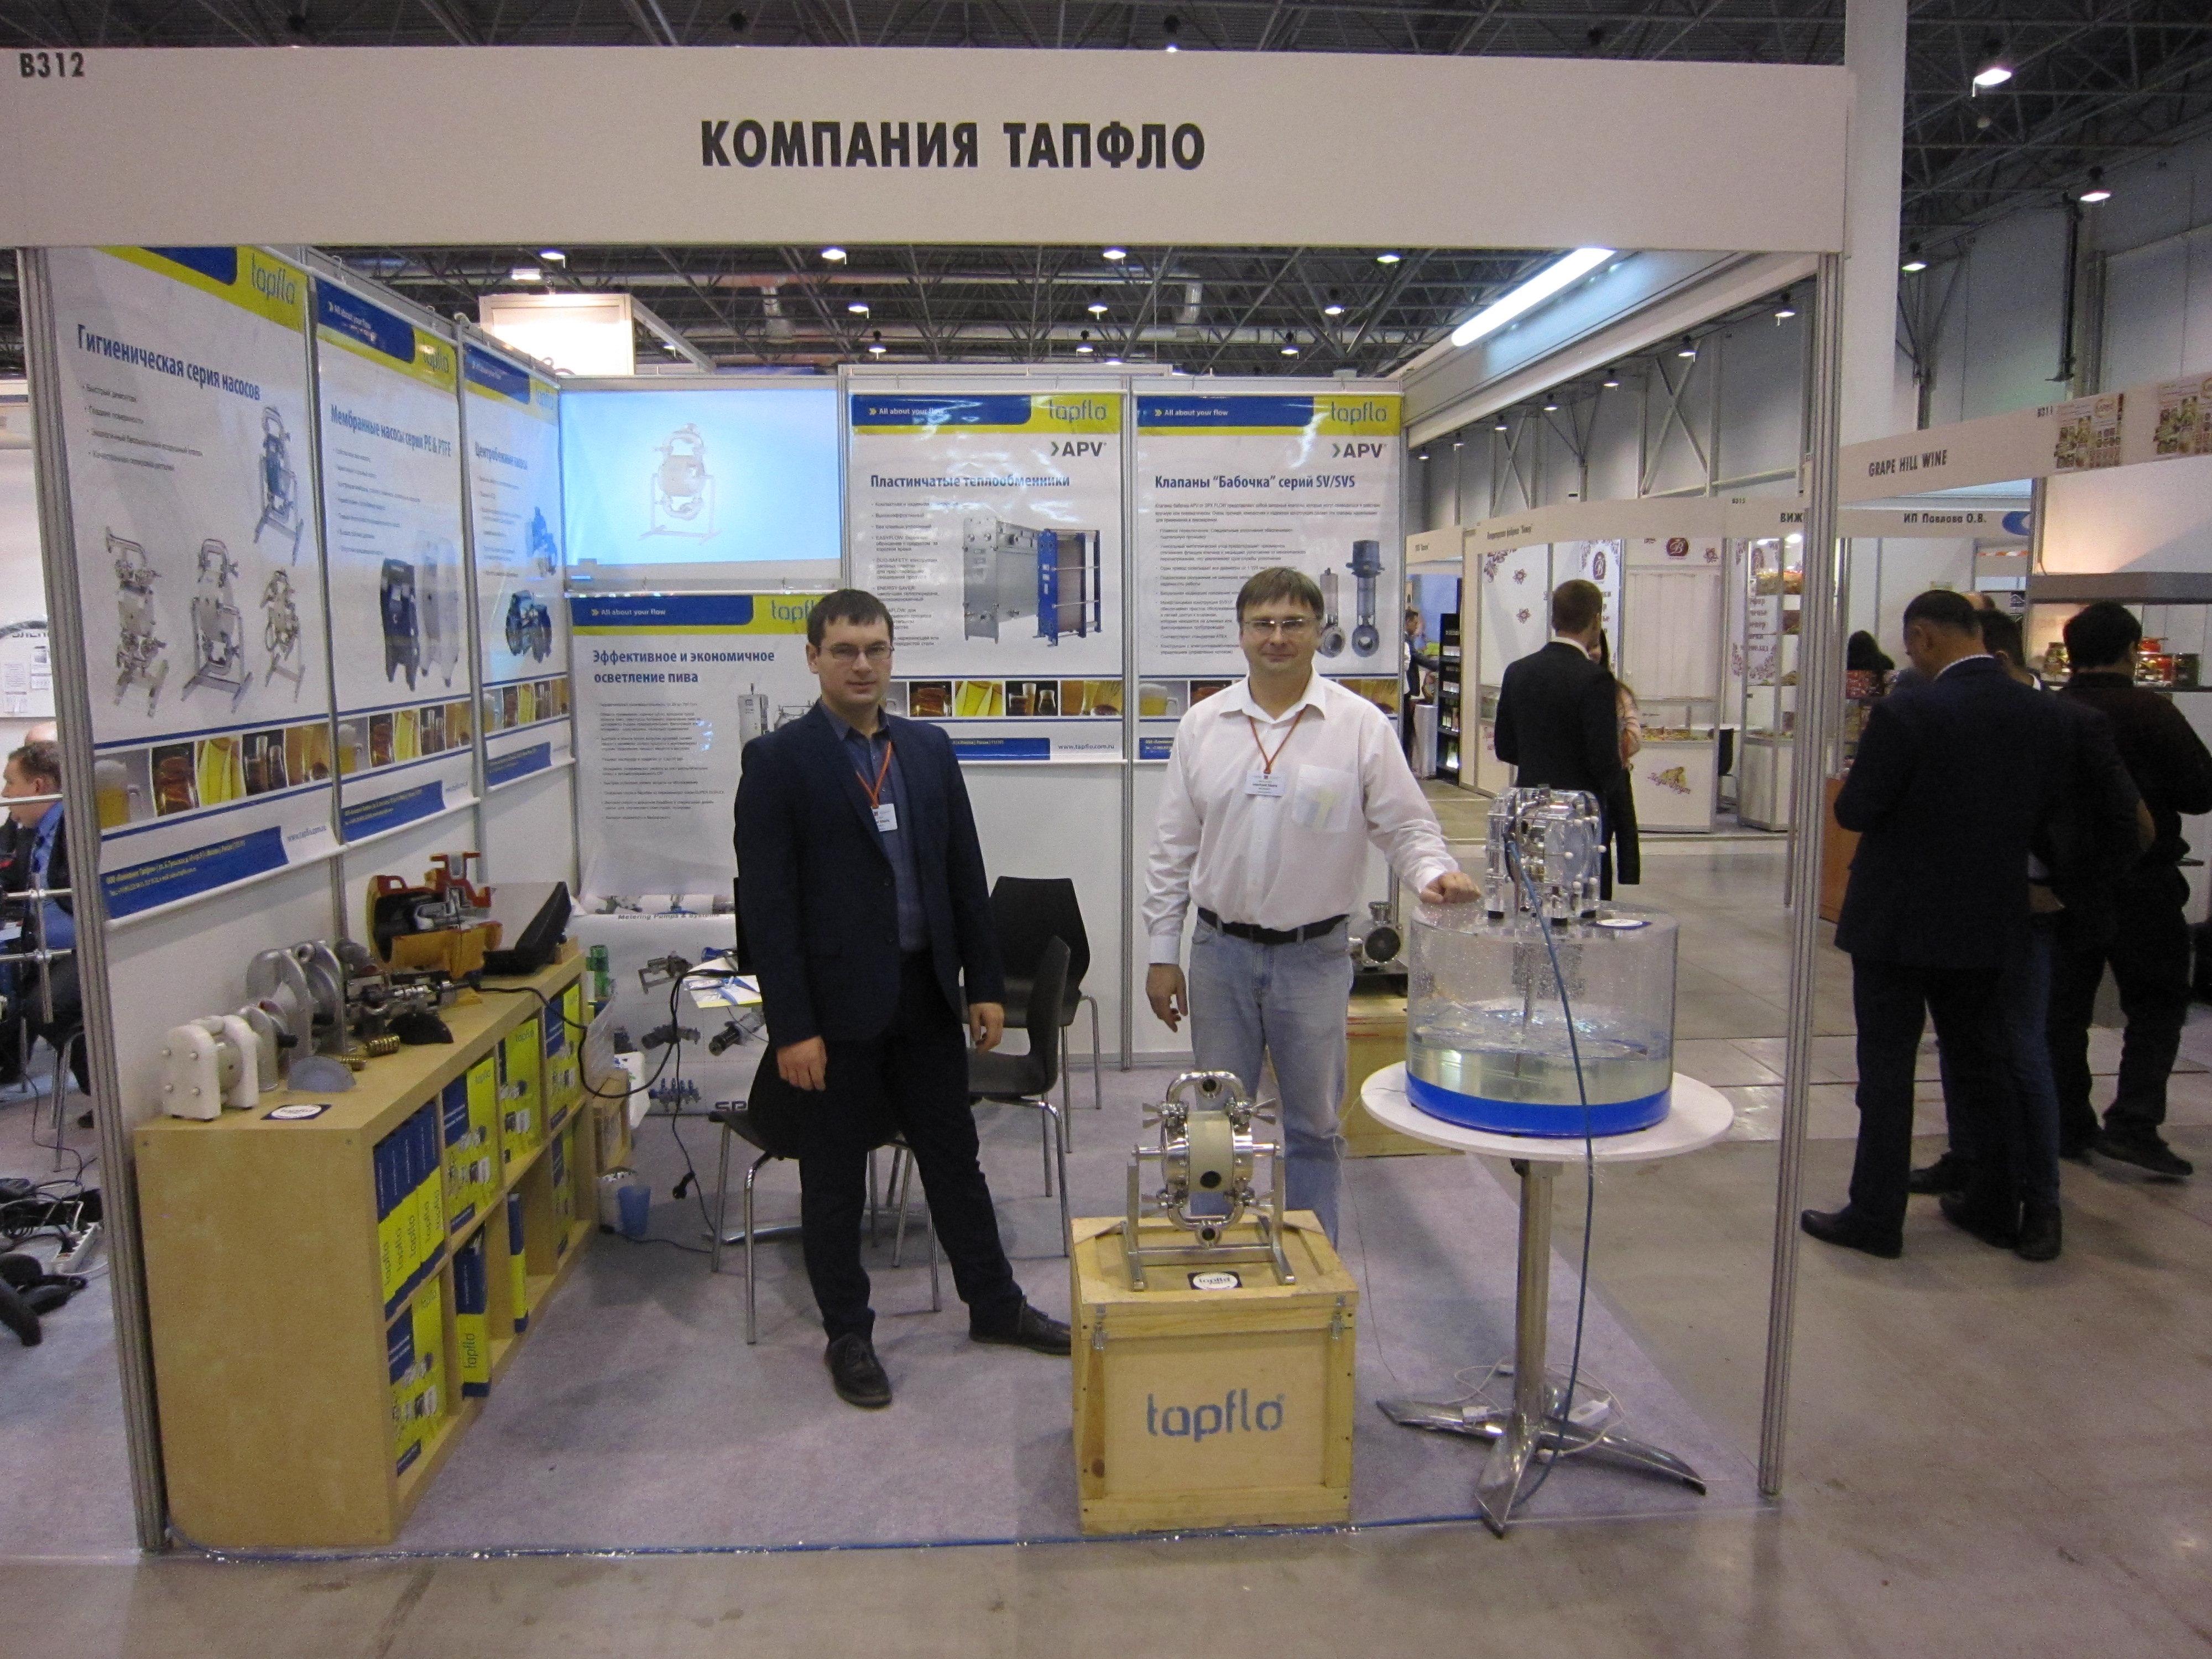 Тапфло принялаучастие в выставке продуктов питания и напитков в Сибири